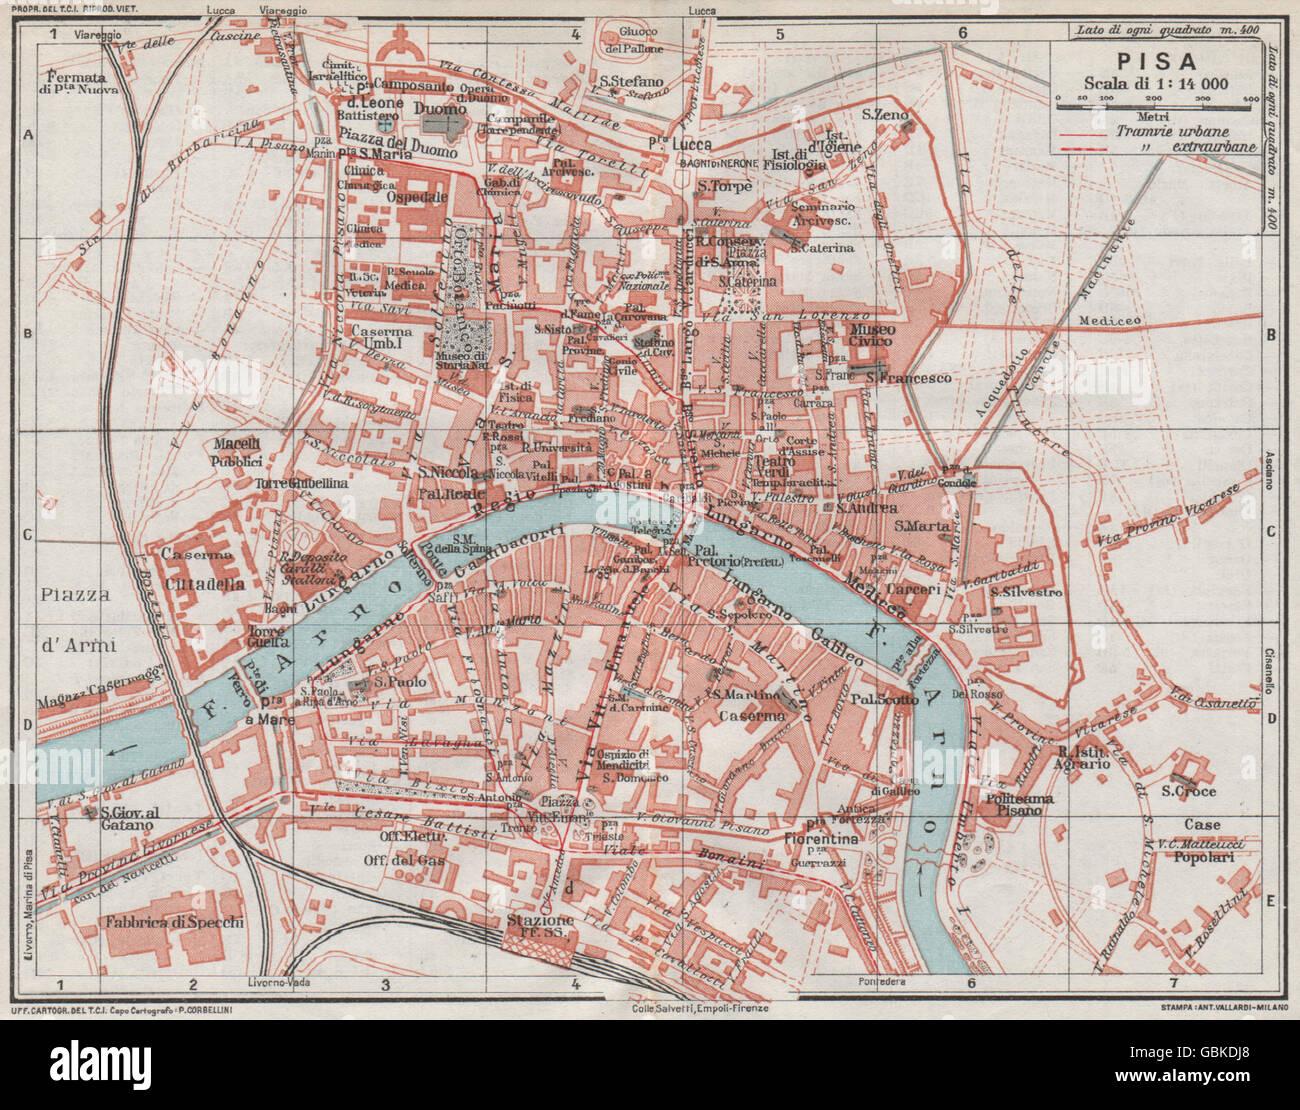 Pisa Karte.Pisa Karte Stadtplan Vintage Stadt Italien 1924 Stockfoto Bild